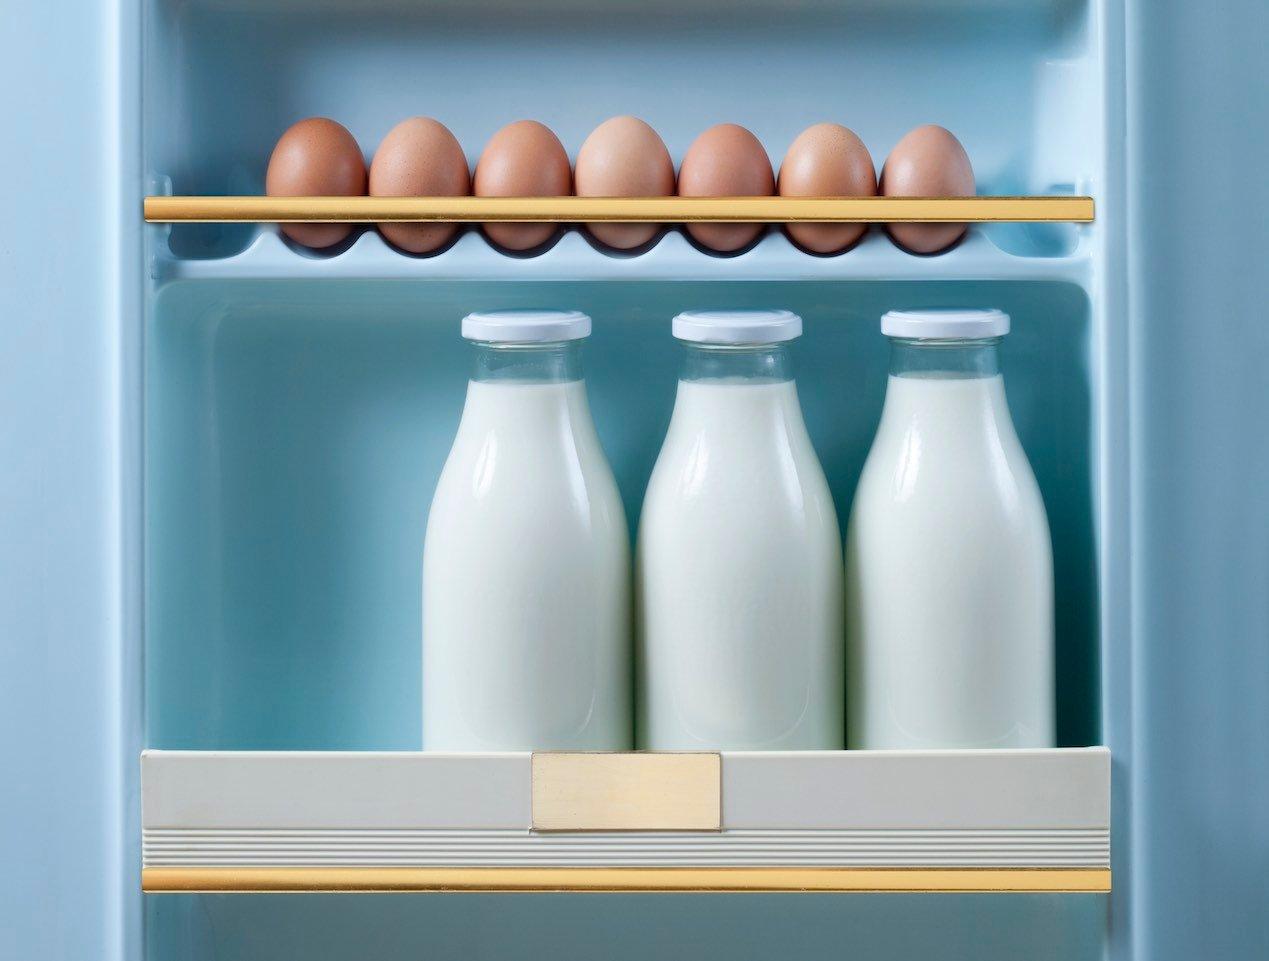 Expiry dates: 3 bottles of milk and brown eggs in retro fridge door